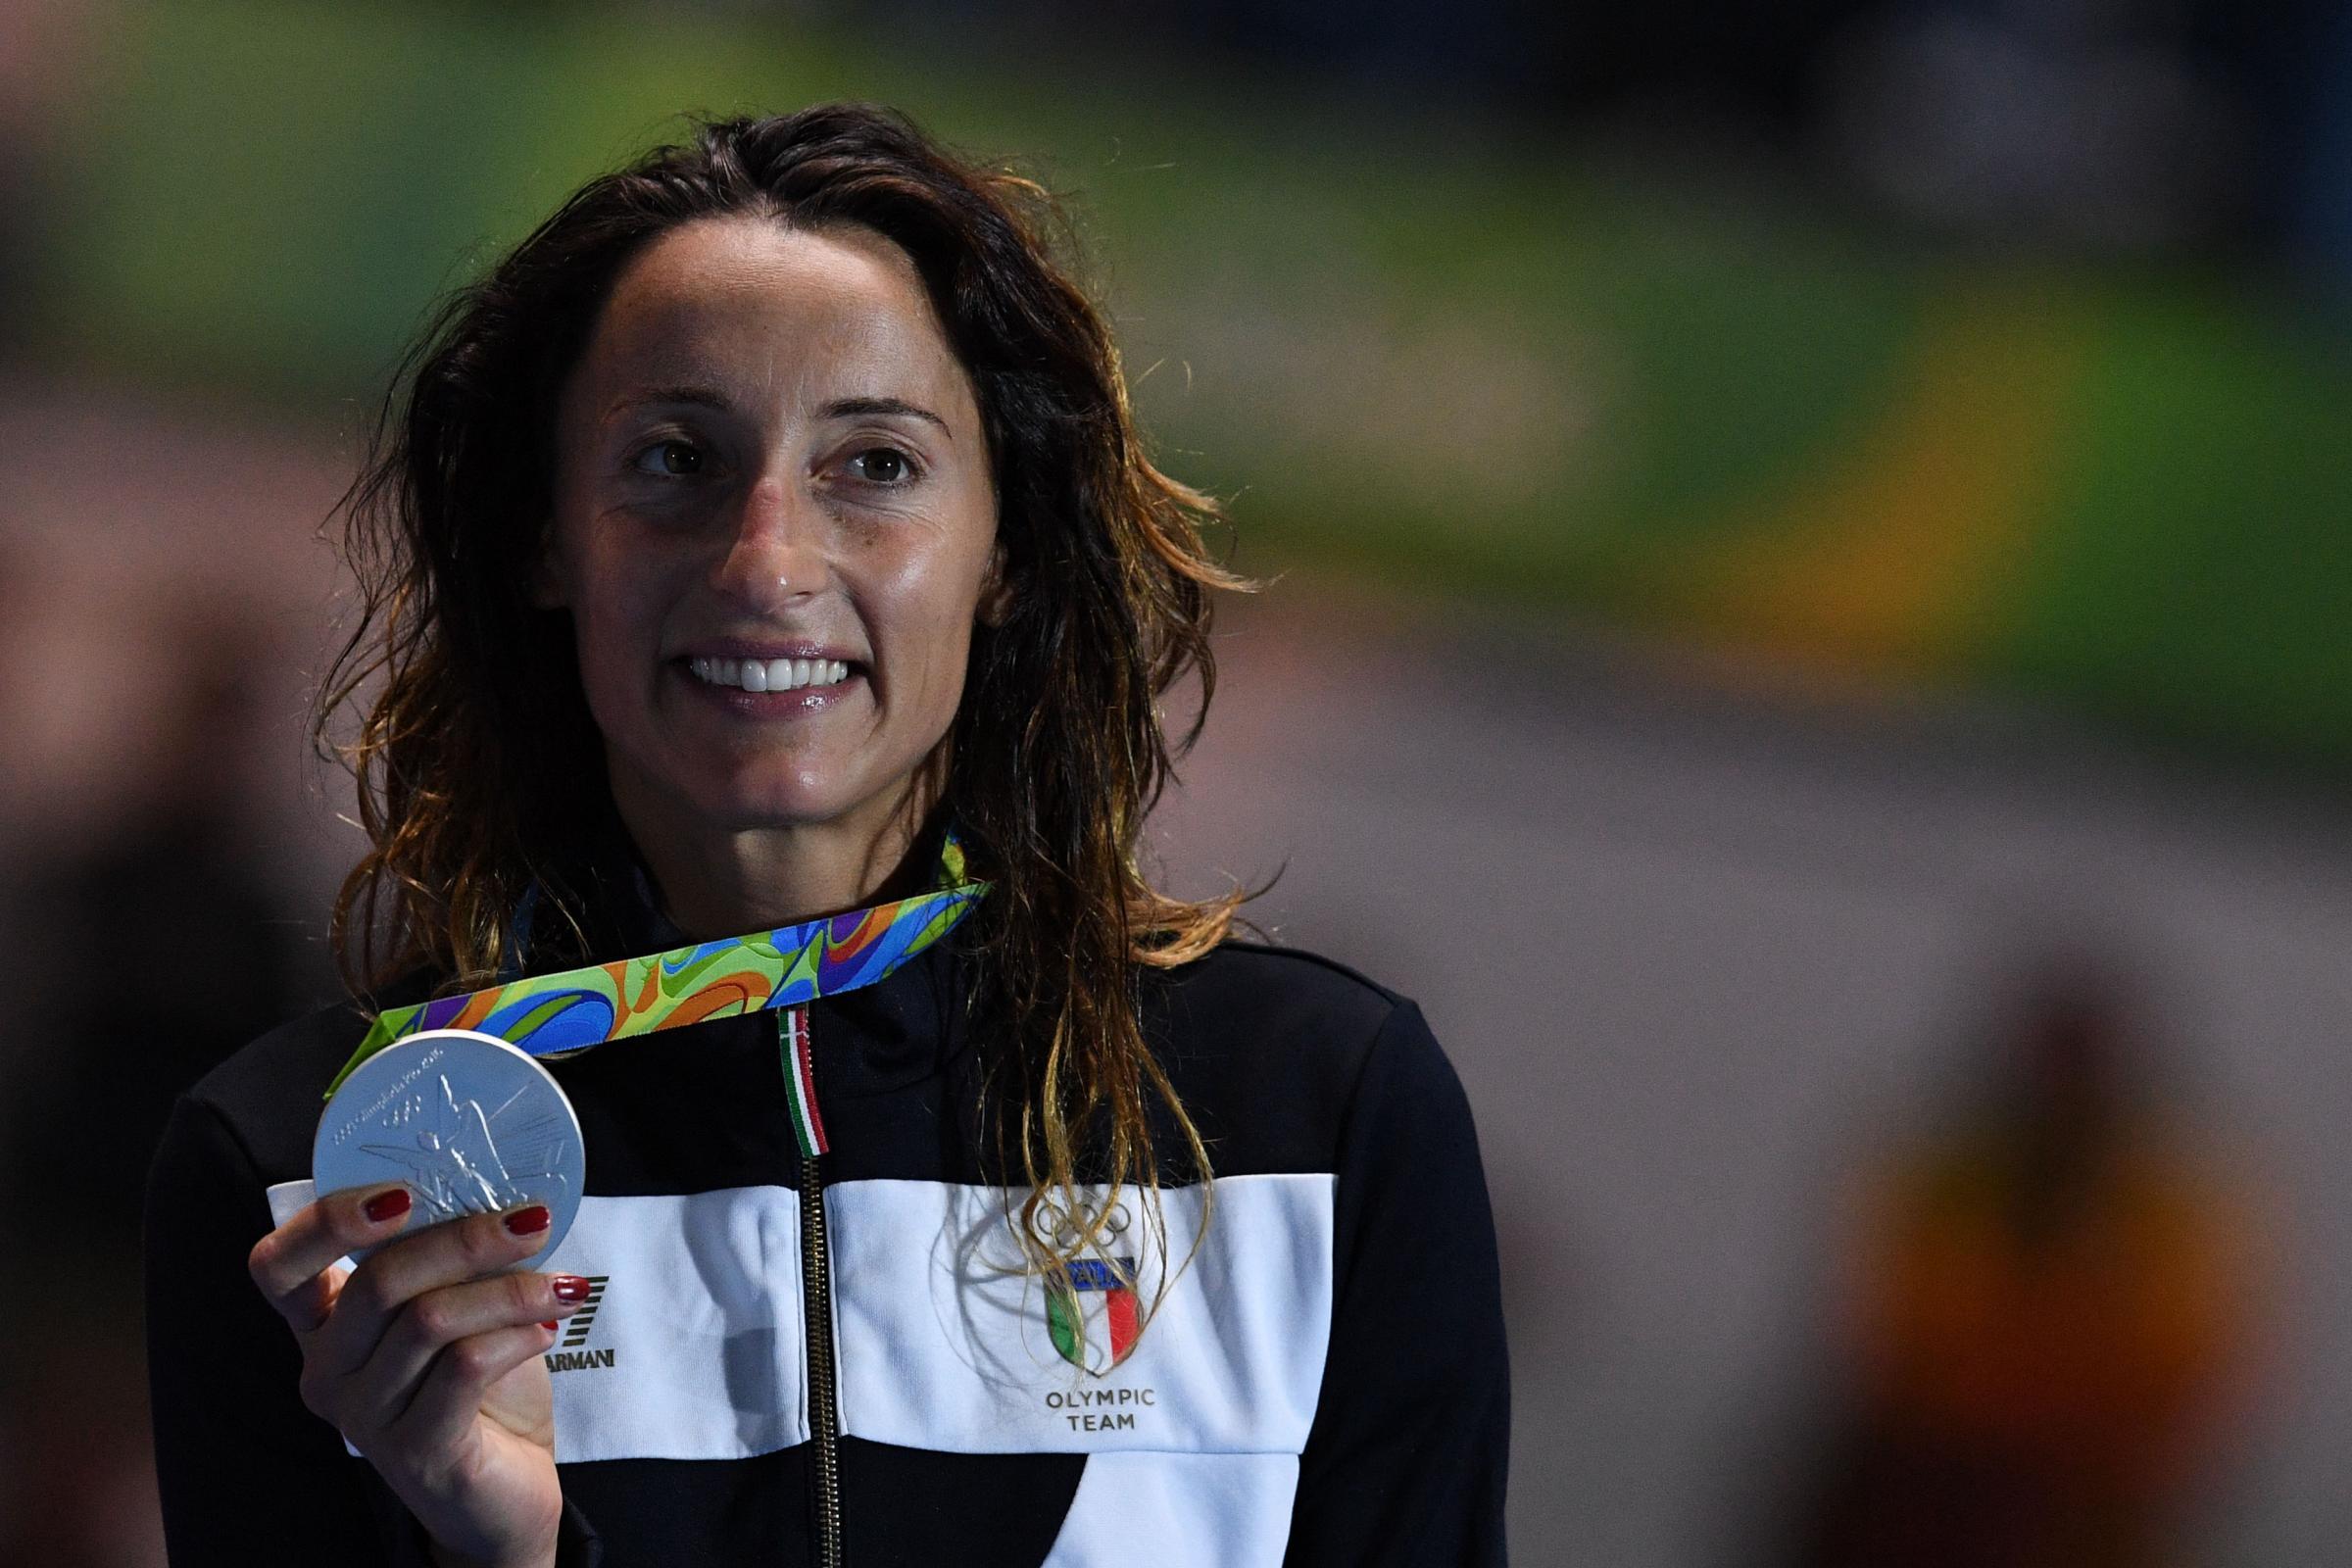 Giochi Olimpici Rio 2016 Fioretto